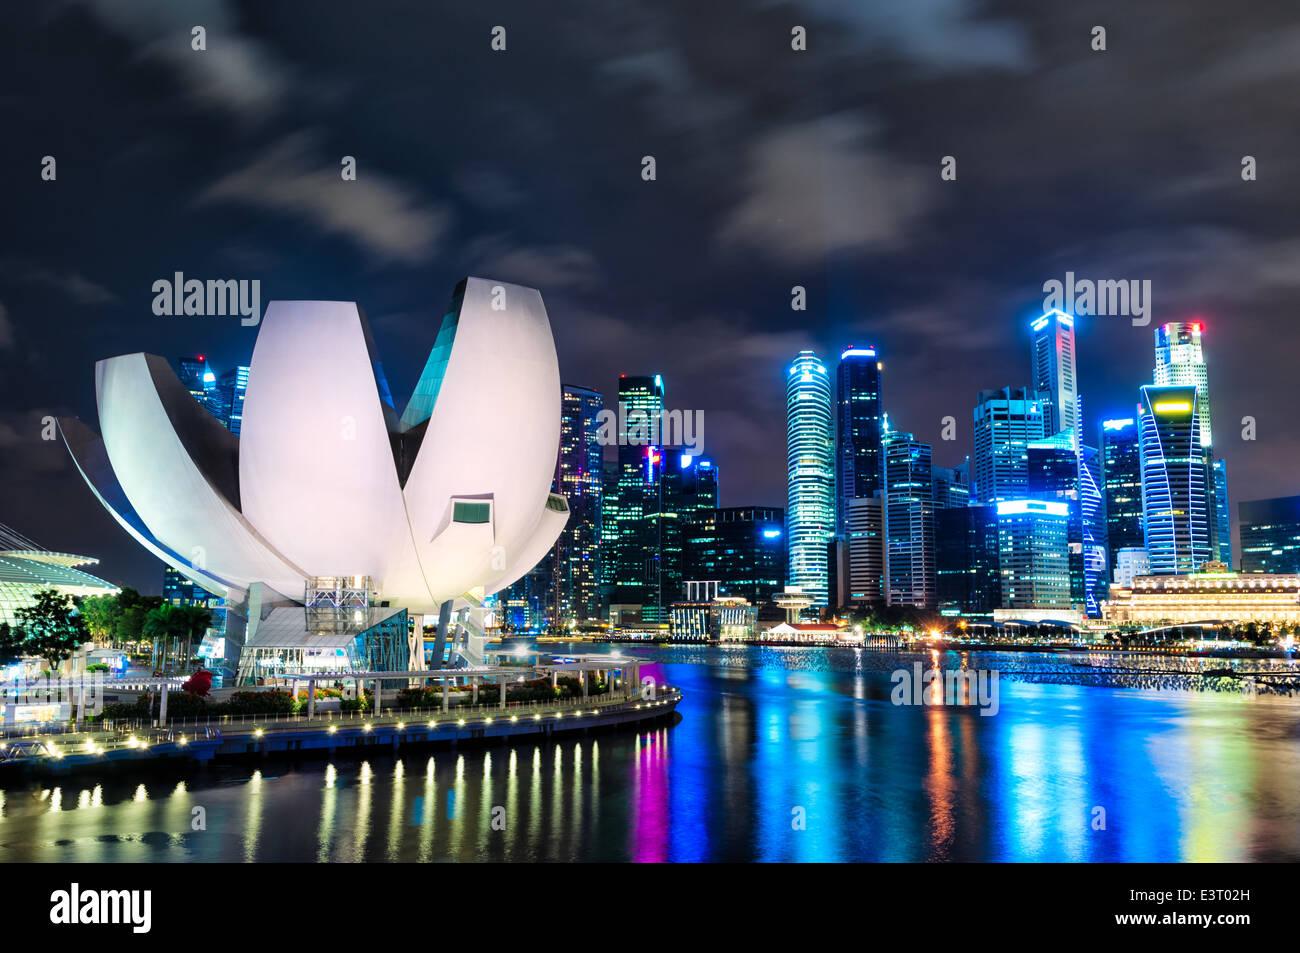 El skyline de Singapur en la noche con el museo ArtScience en primer plano. Imagen De Stock